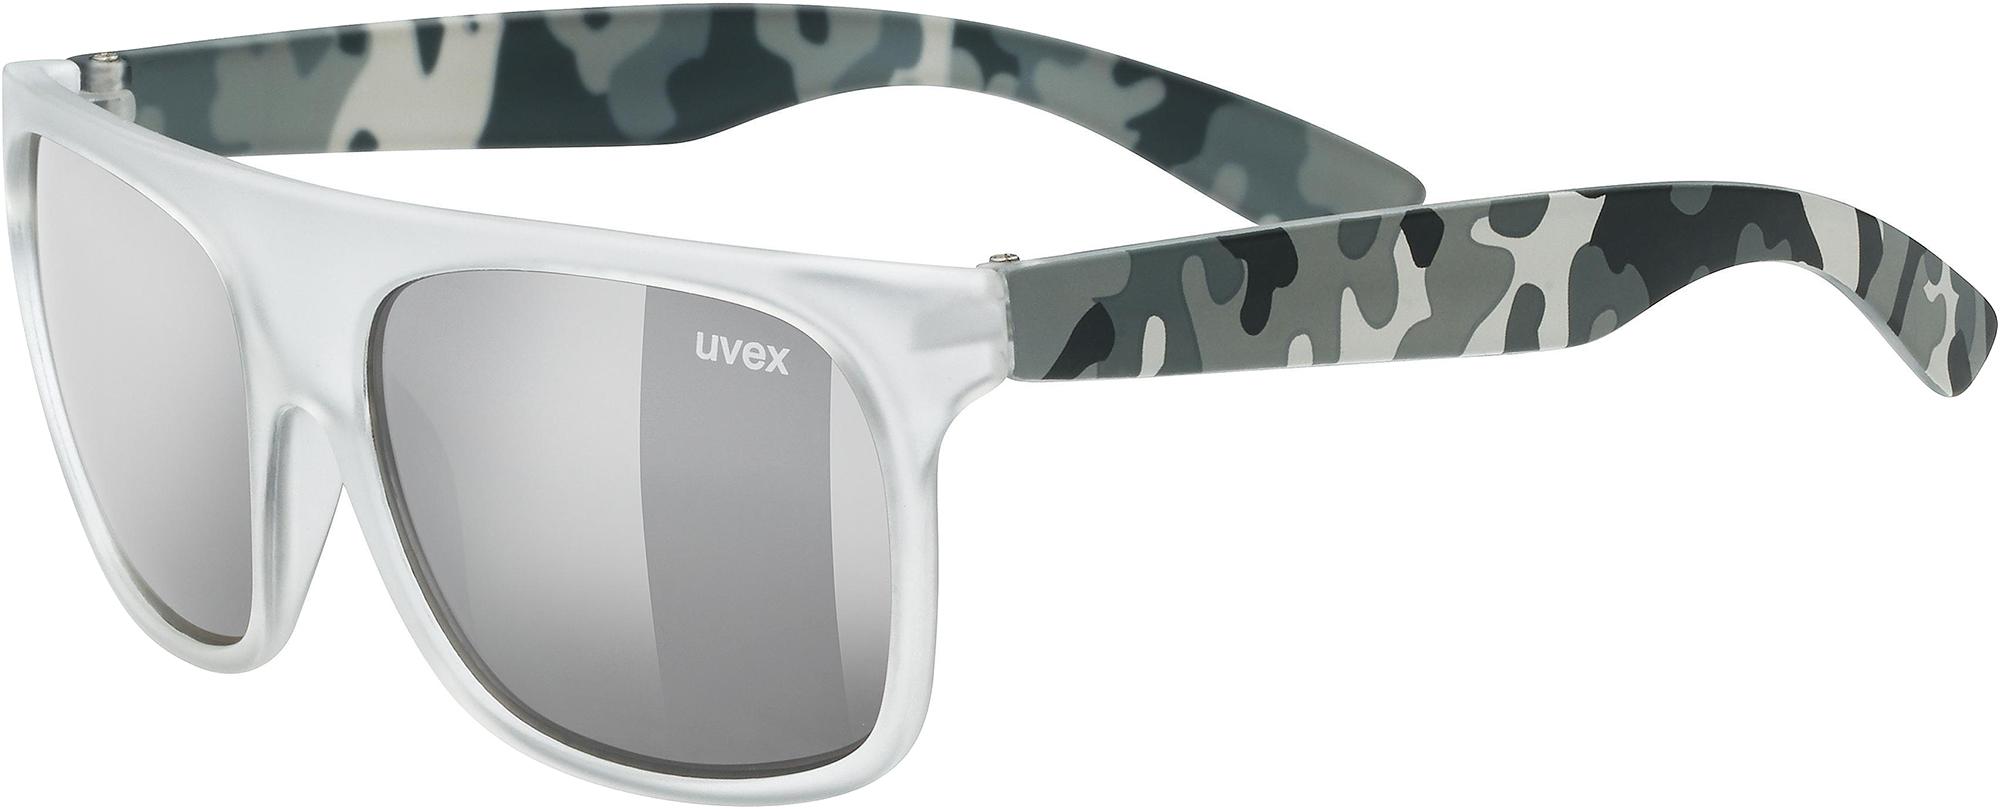 Фото - Uvex Солнцезащитные очки детские Uvex Sportstyle 511 cолнцезащитные очки real kids детские серф оранжевые 7surnor